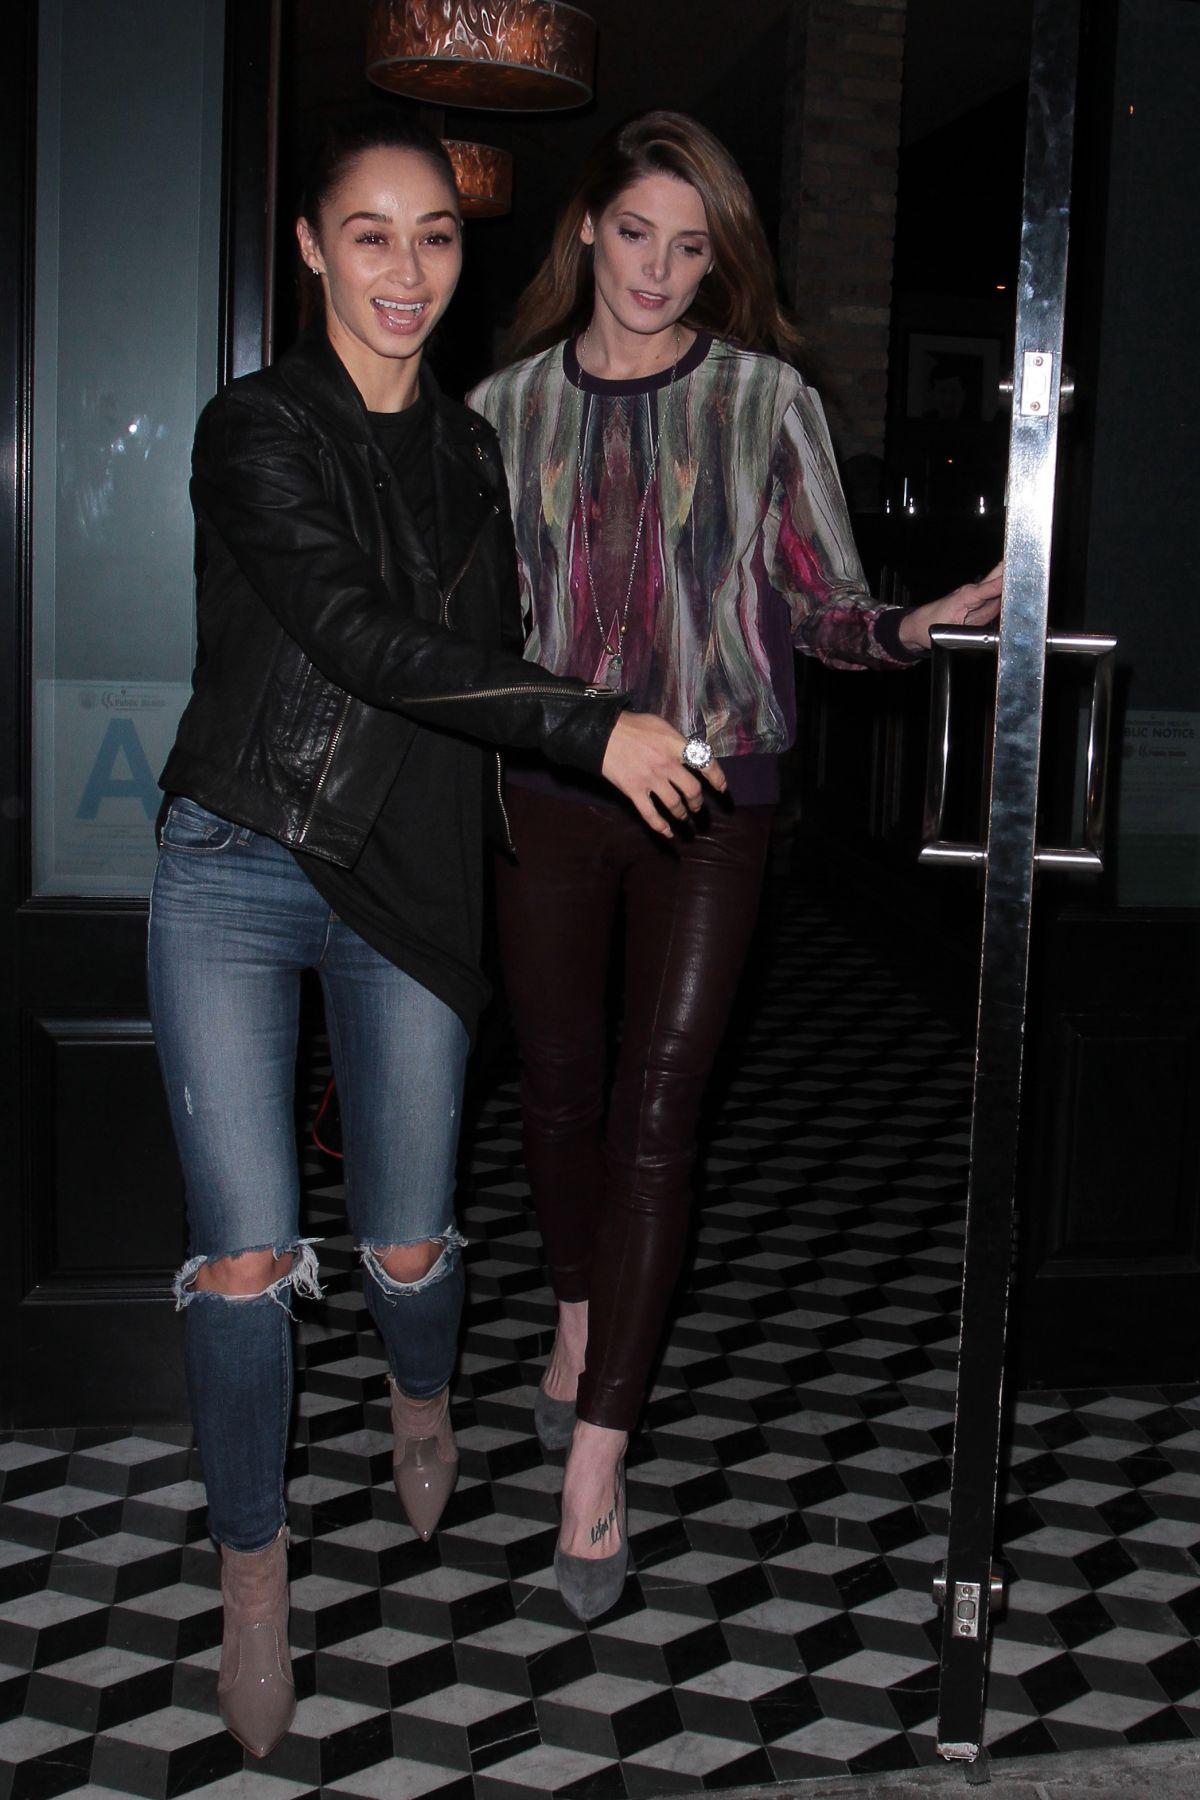 ASHLEY GREENE and CARA SANTANA Out for Dinner at Craig